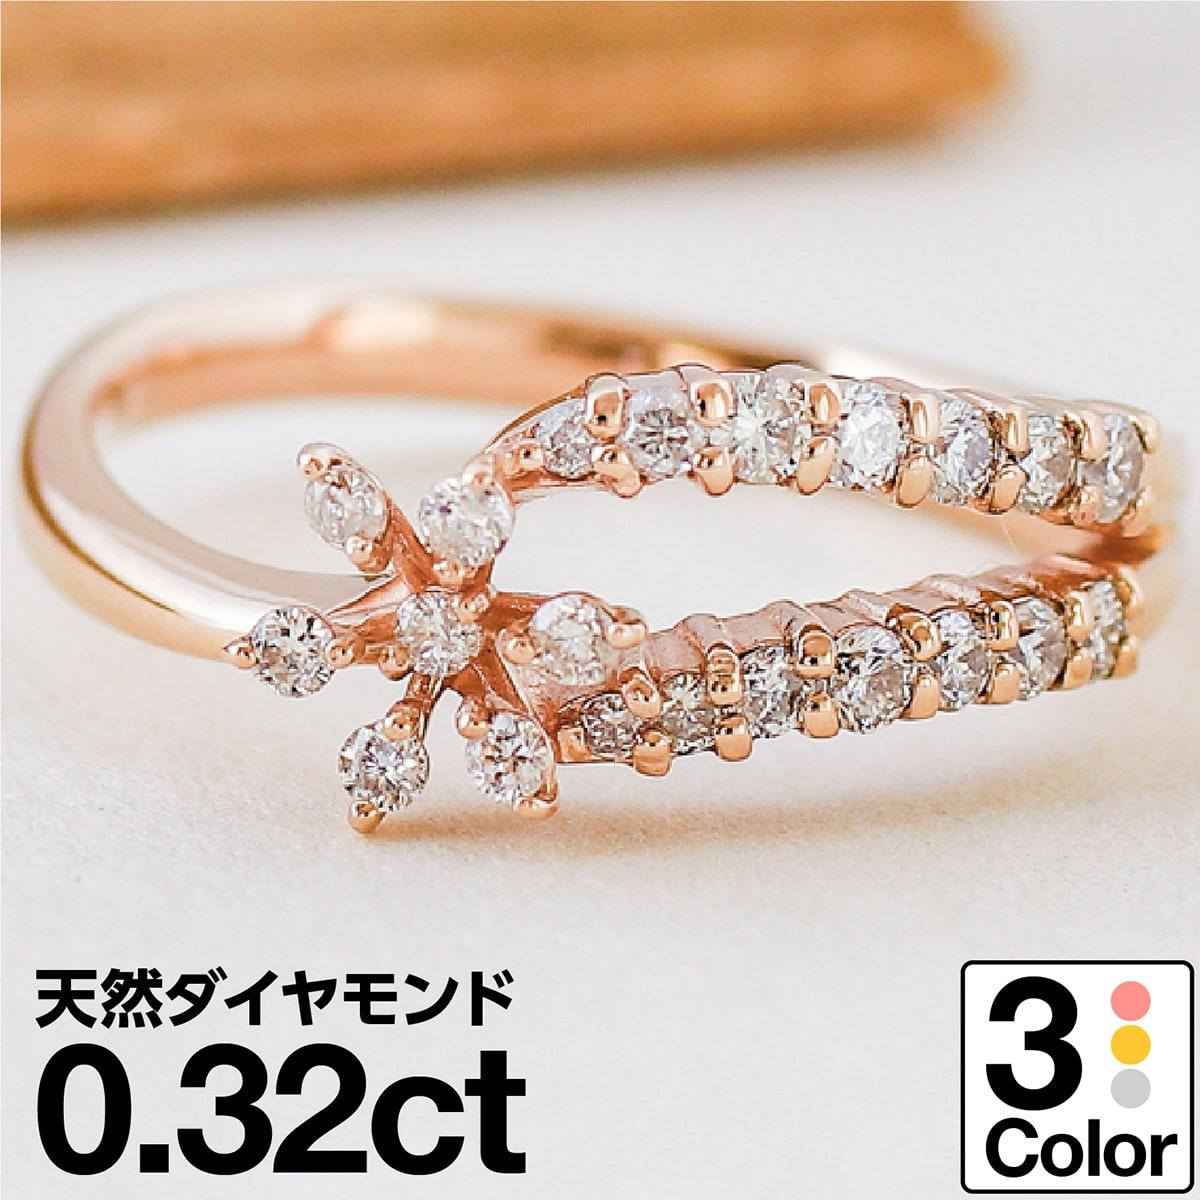 ダイヤモンド リング k18 イエローゴールド ホワイトゴールド ピンクゴールド ファッションリング 品質保証書 金属アレルギー 日本製 誕生日 ギフトrxoeWdCB